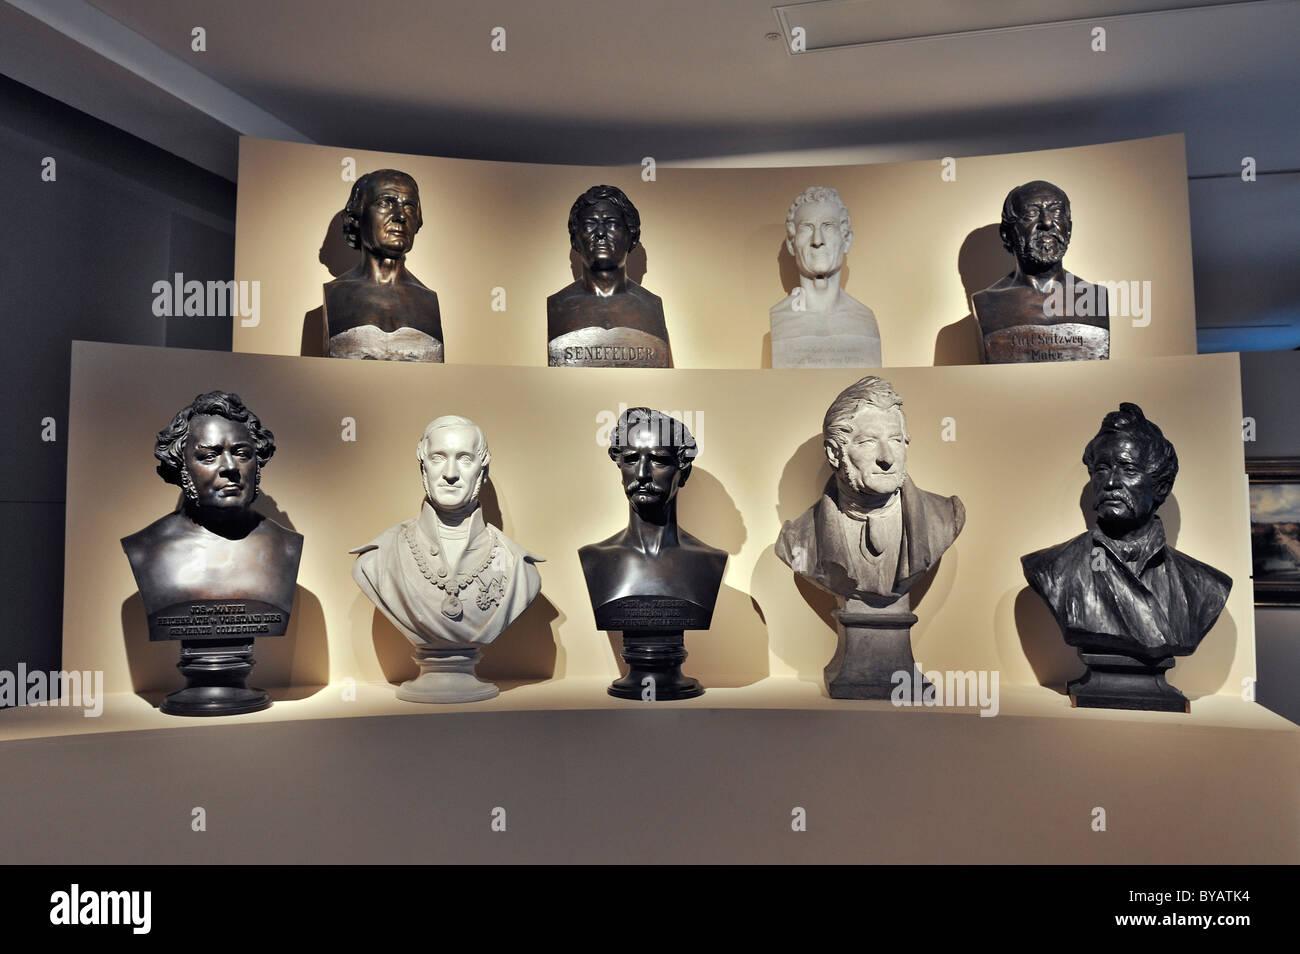 Busts of famous residents of Munich, Munich City Museum, Stadtmuseum, Munich, Bavaria, Germany, Europe - Stock Image